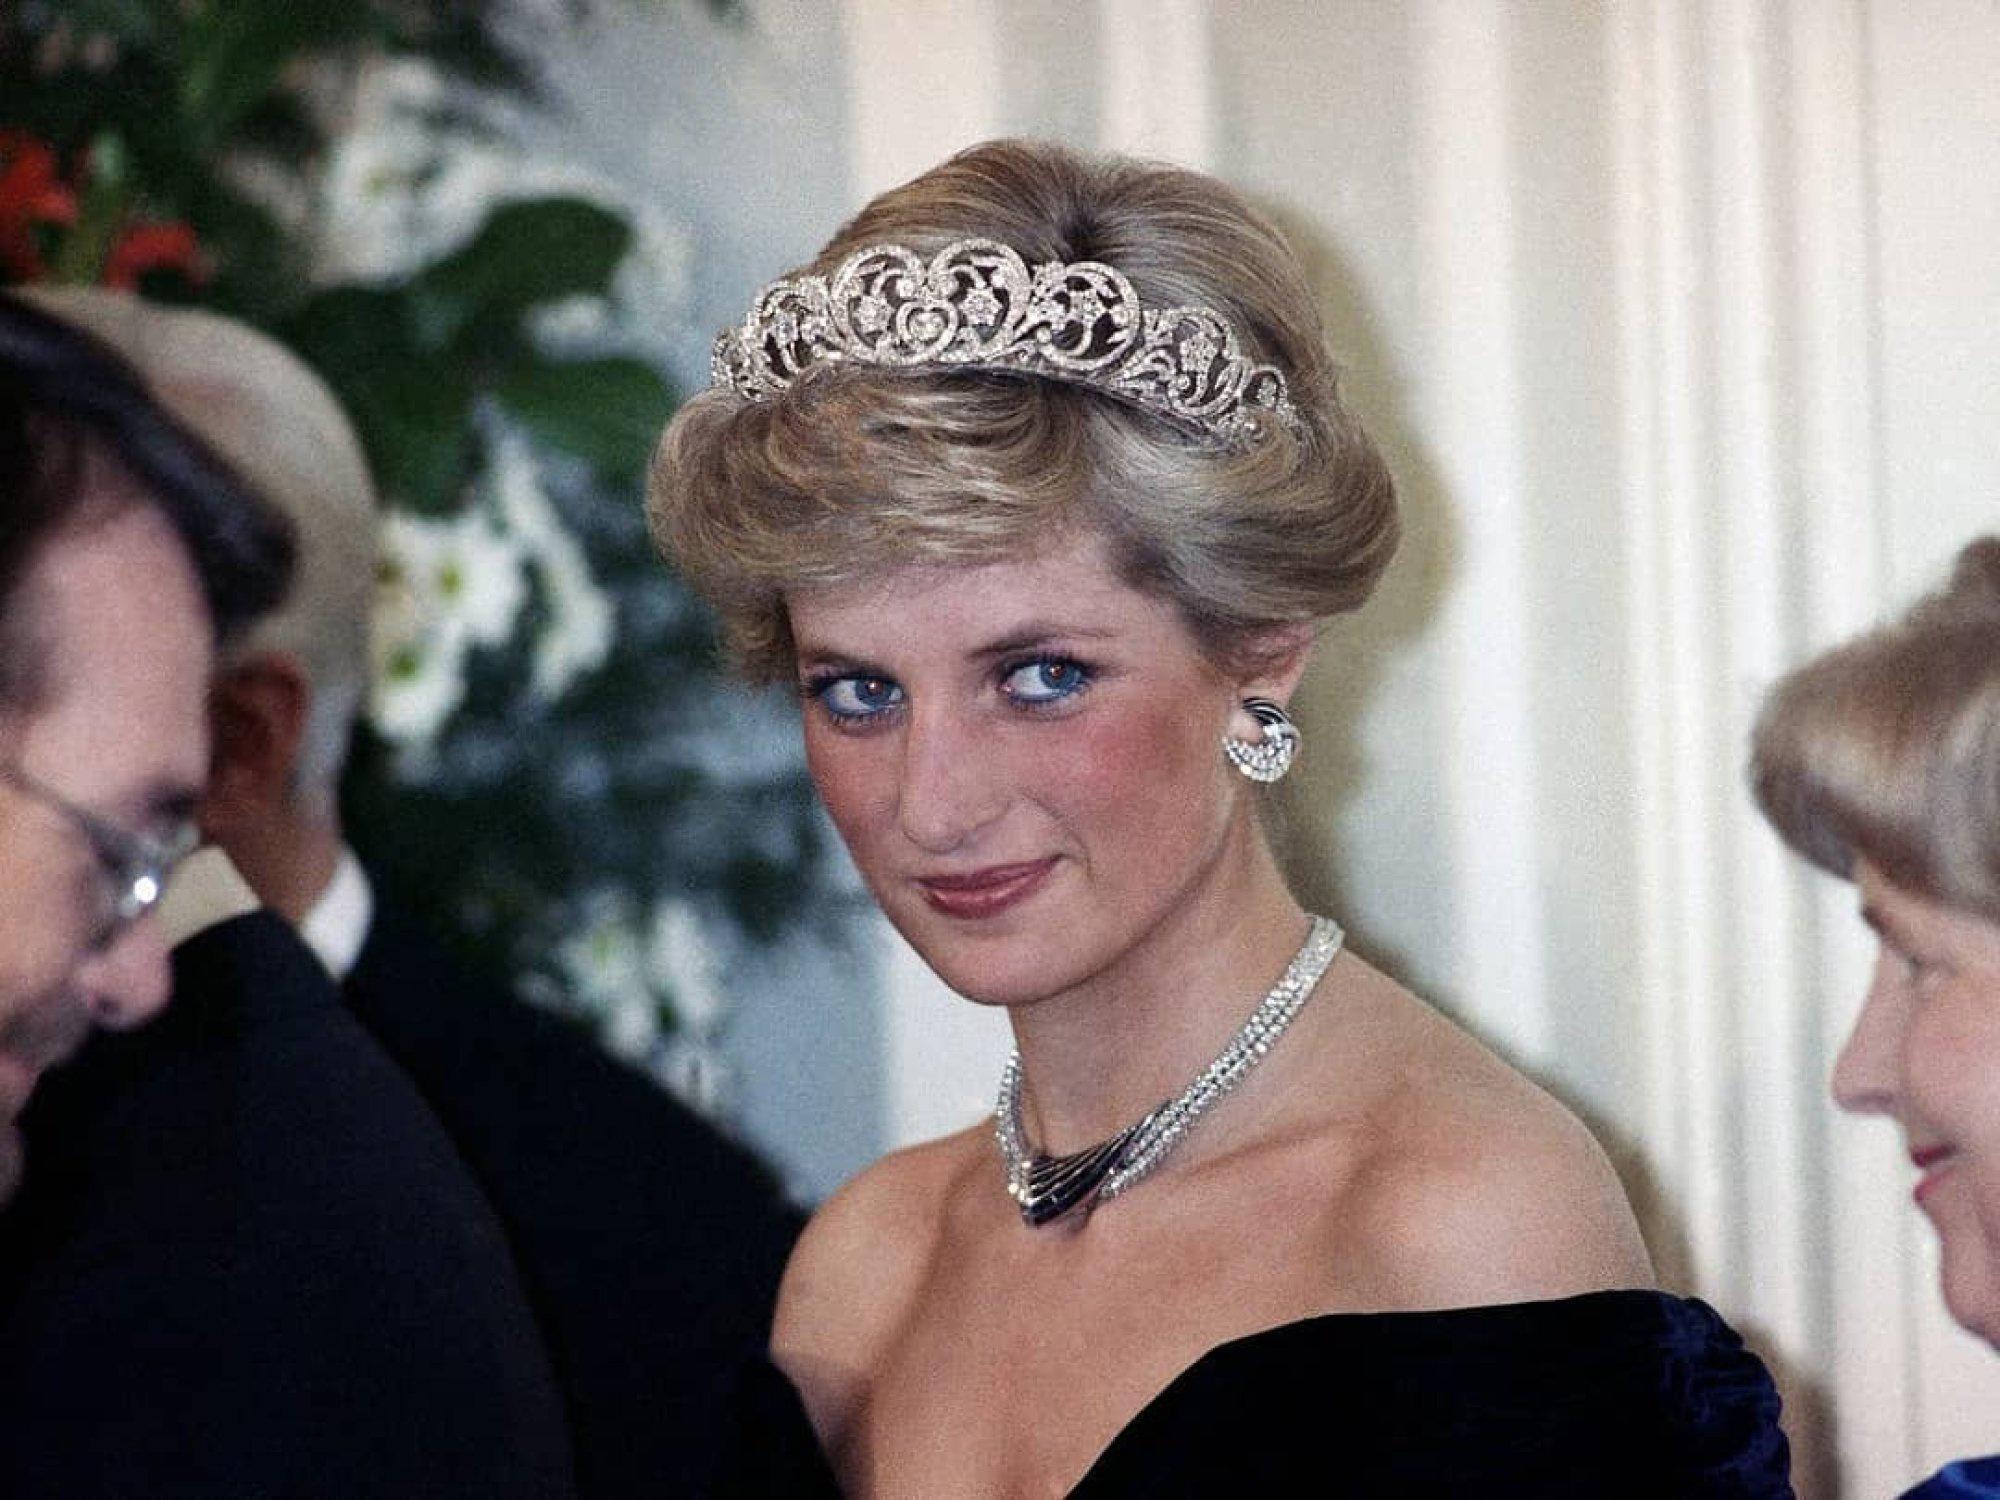 Công nương Diana thích phá vỡ quy tắc thời trang ở Hoàng gia Anh - Ảnh 1.